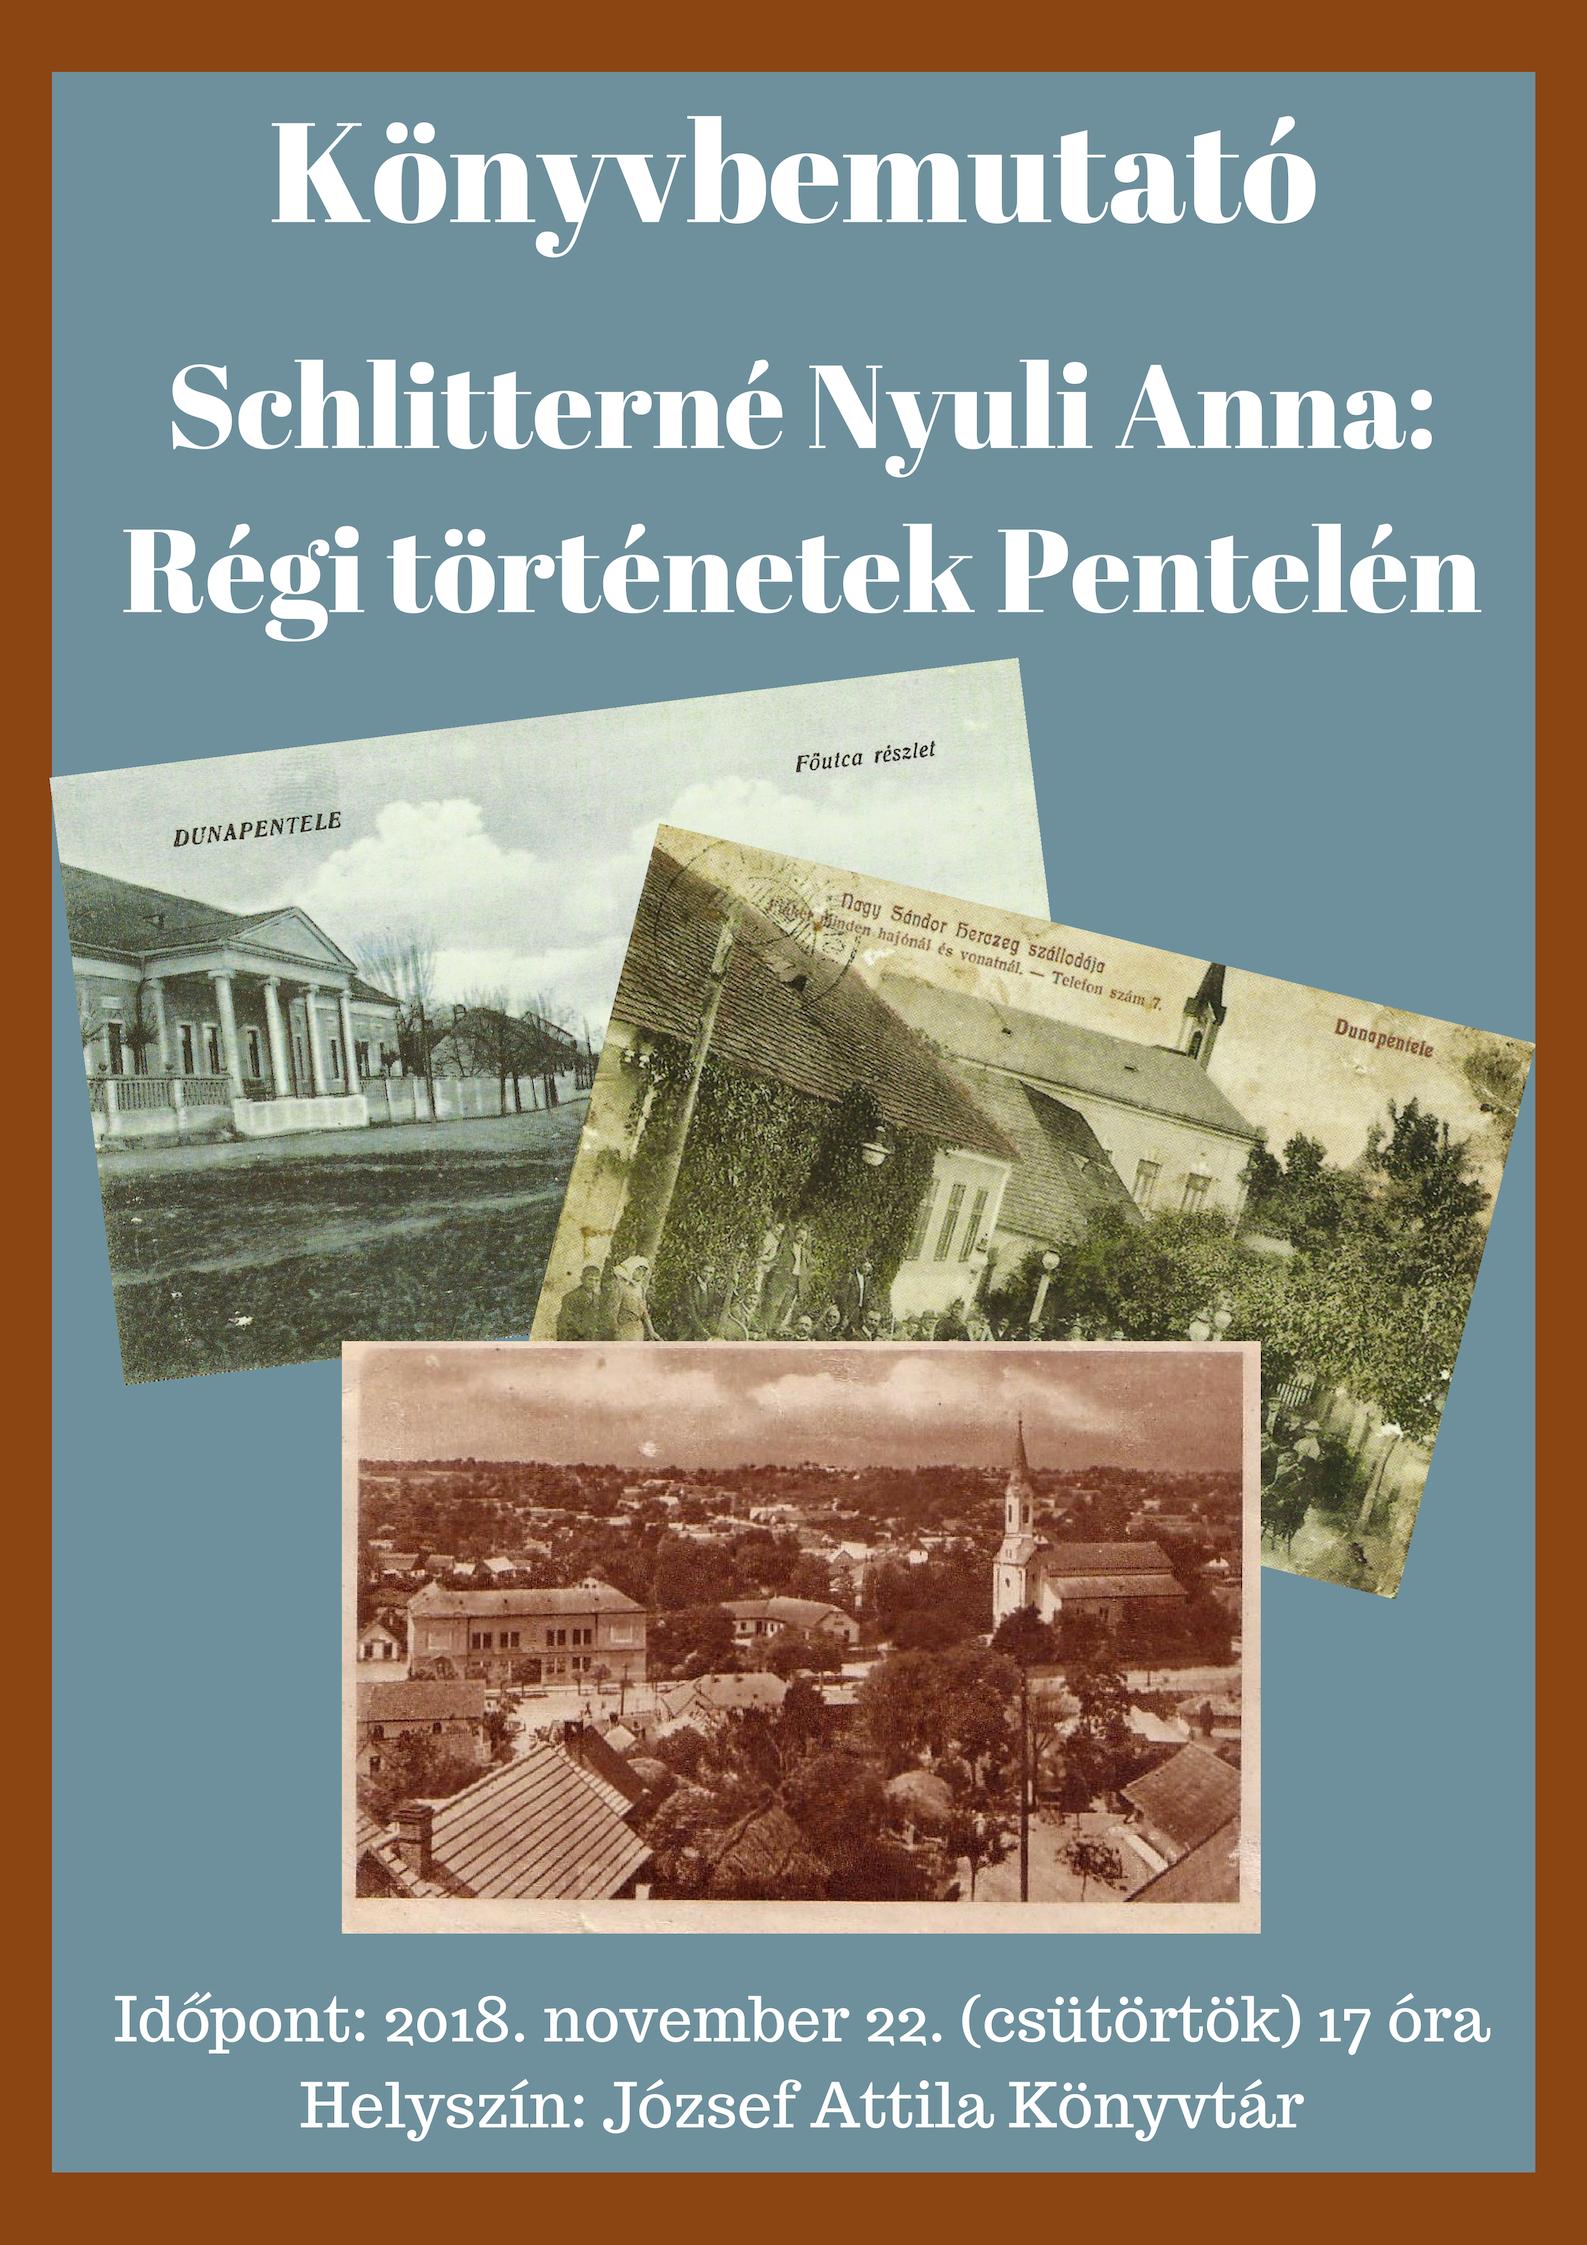 Schlitterné Nyuli Anna: Régi történetek Pentelén